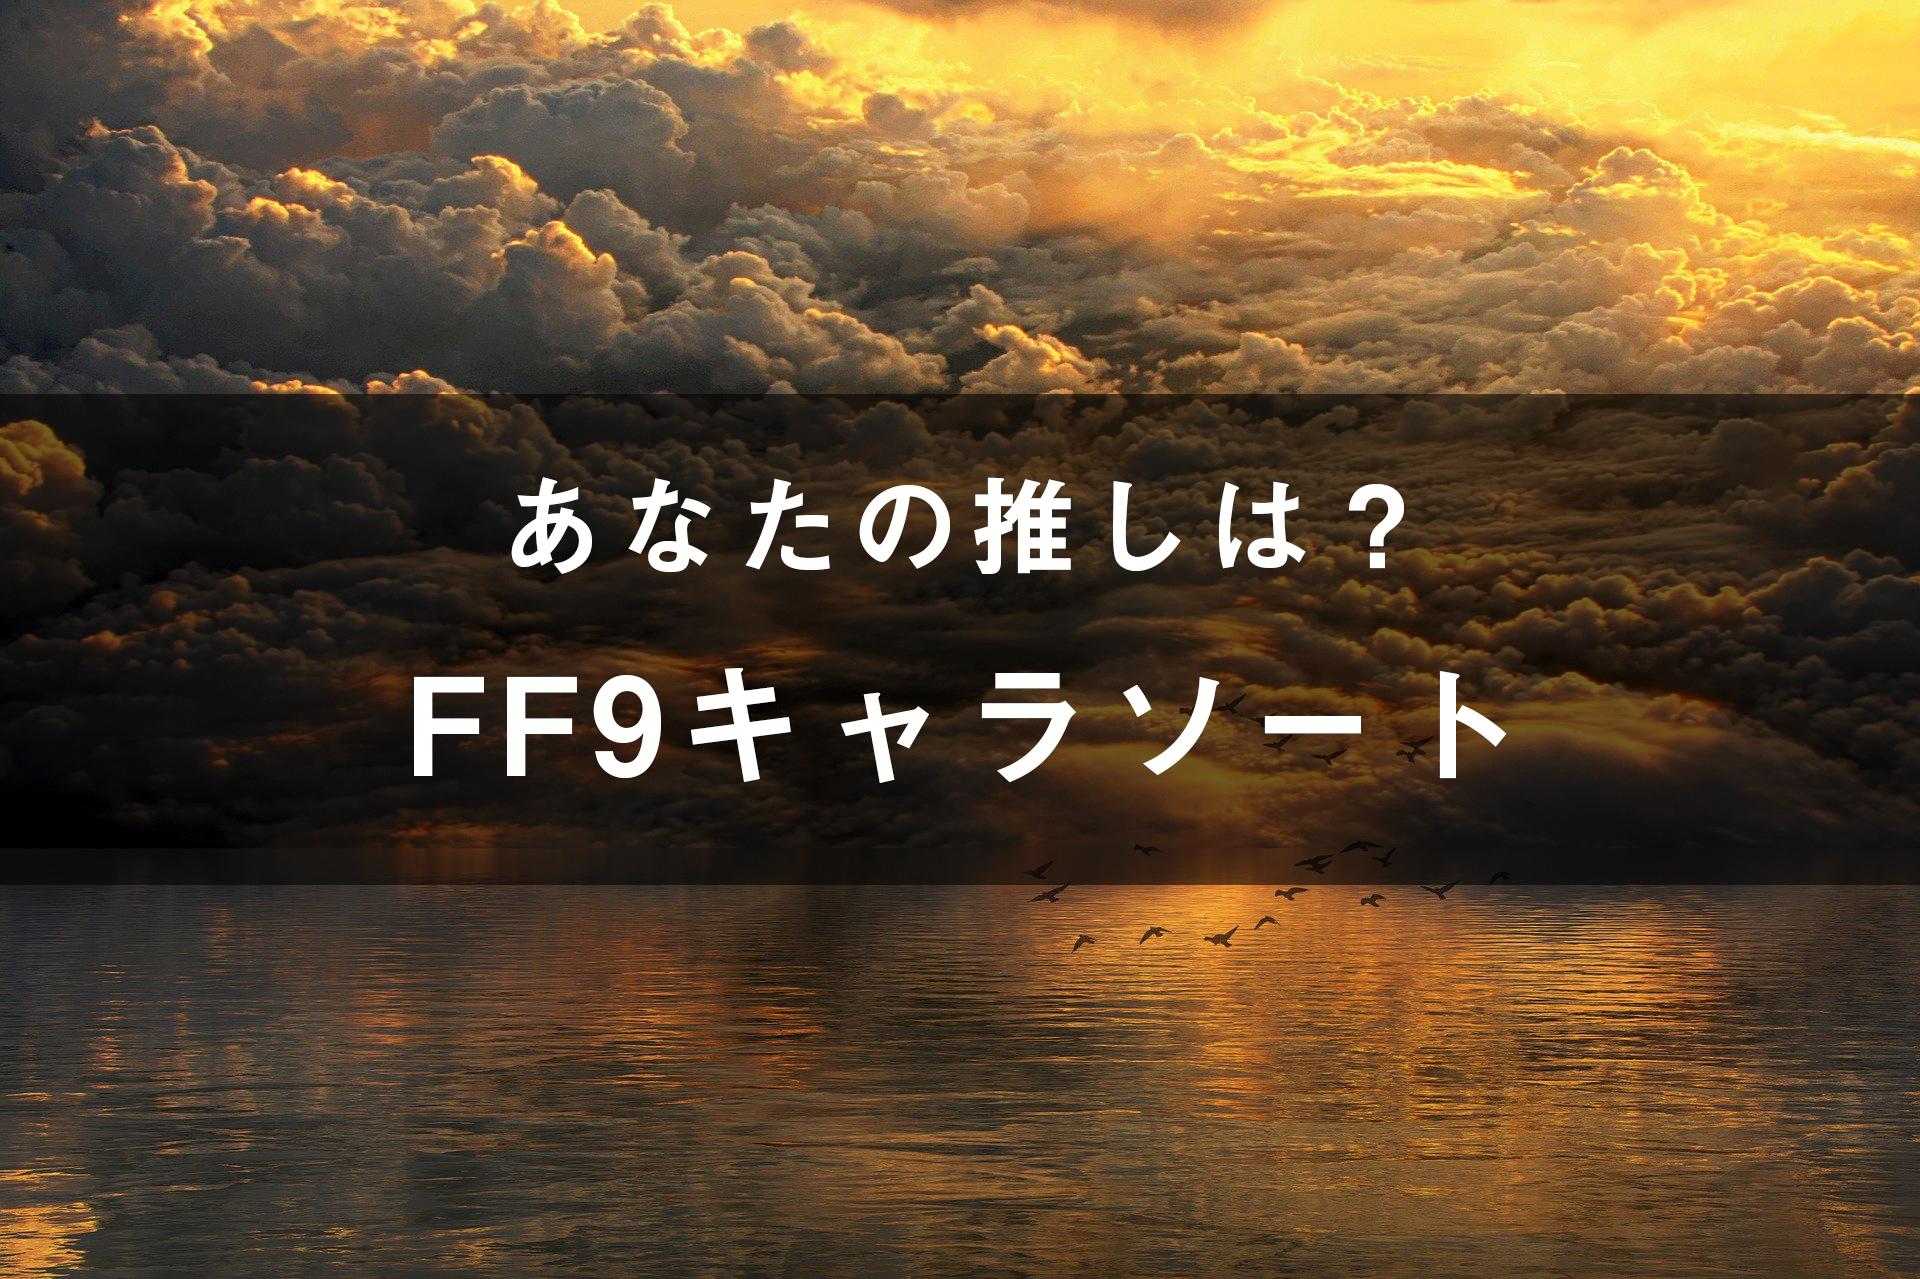 「ファイナルファンタジー9」のキャラソート(画像付き)